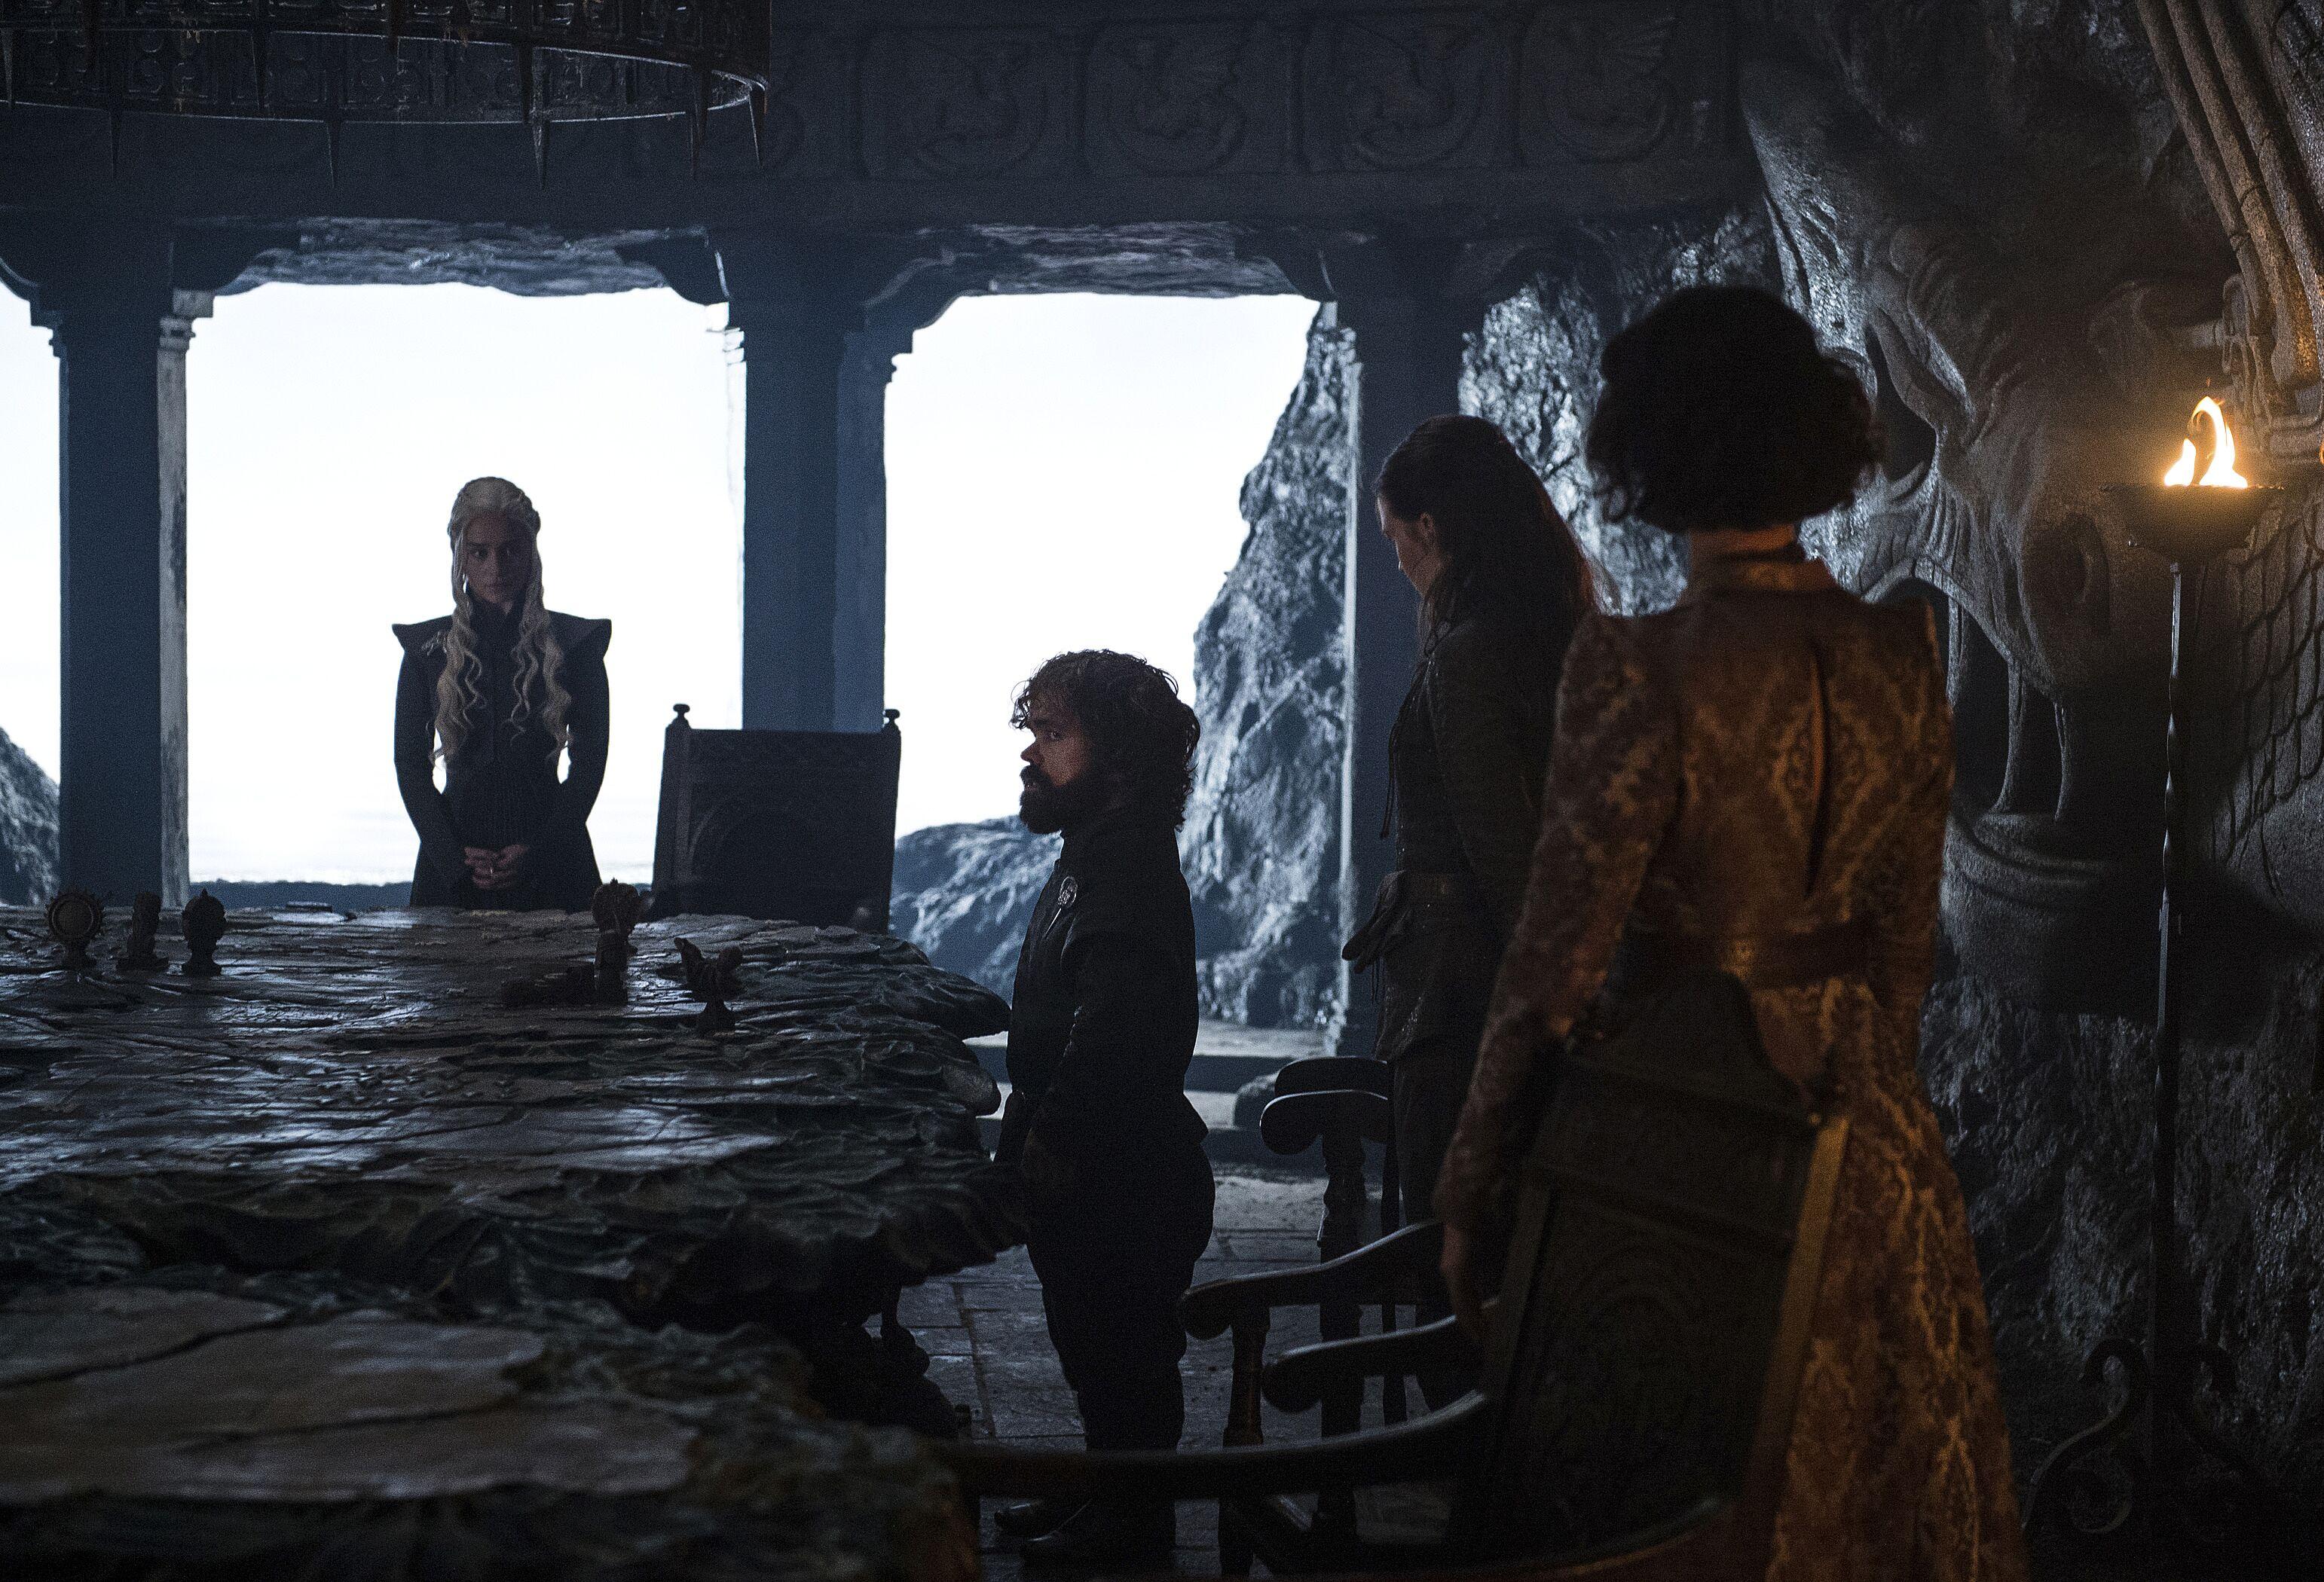 Resultado de imagen para stormborn game of thrones season 7